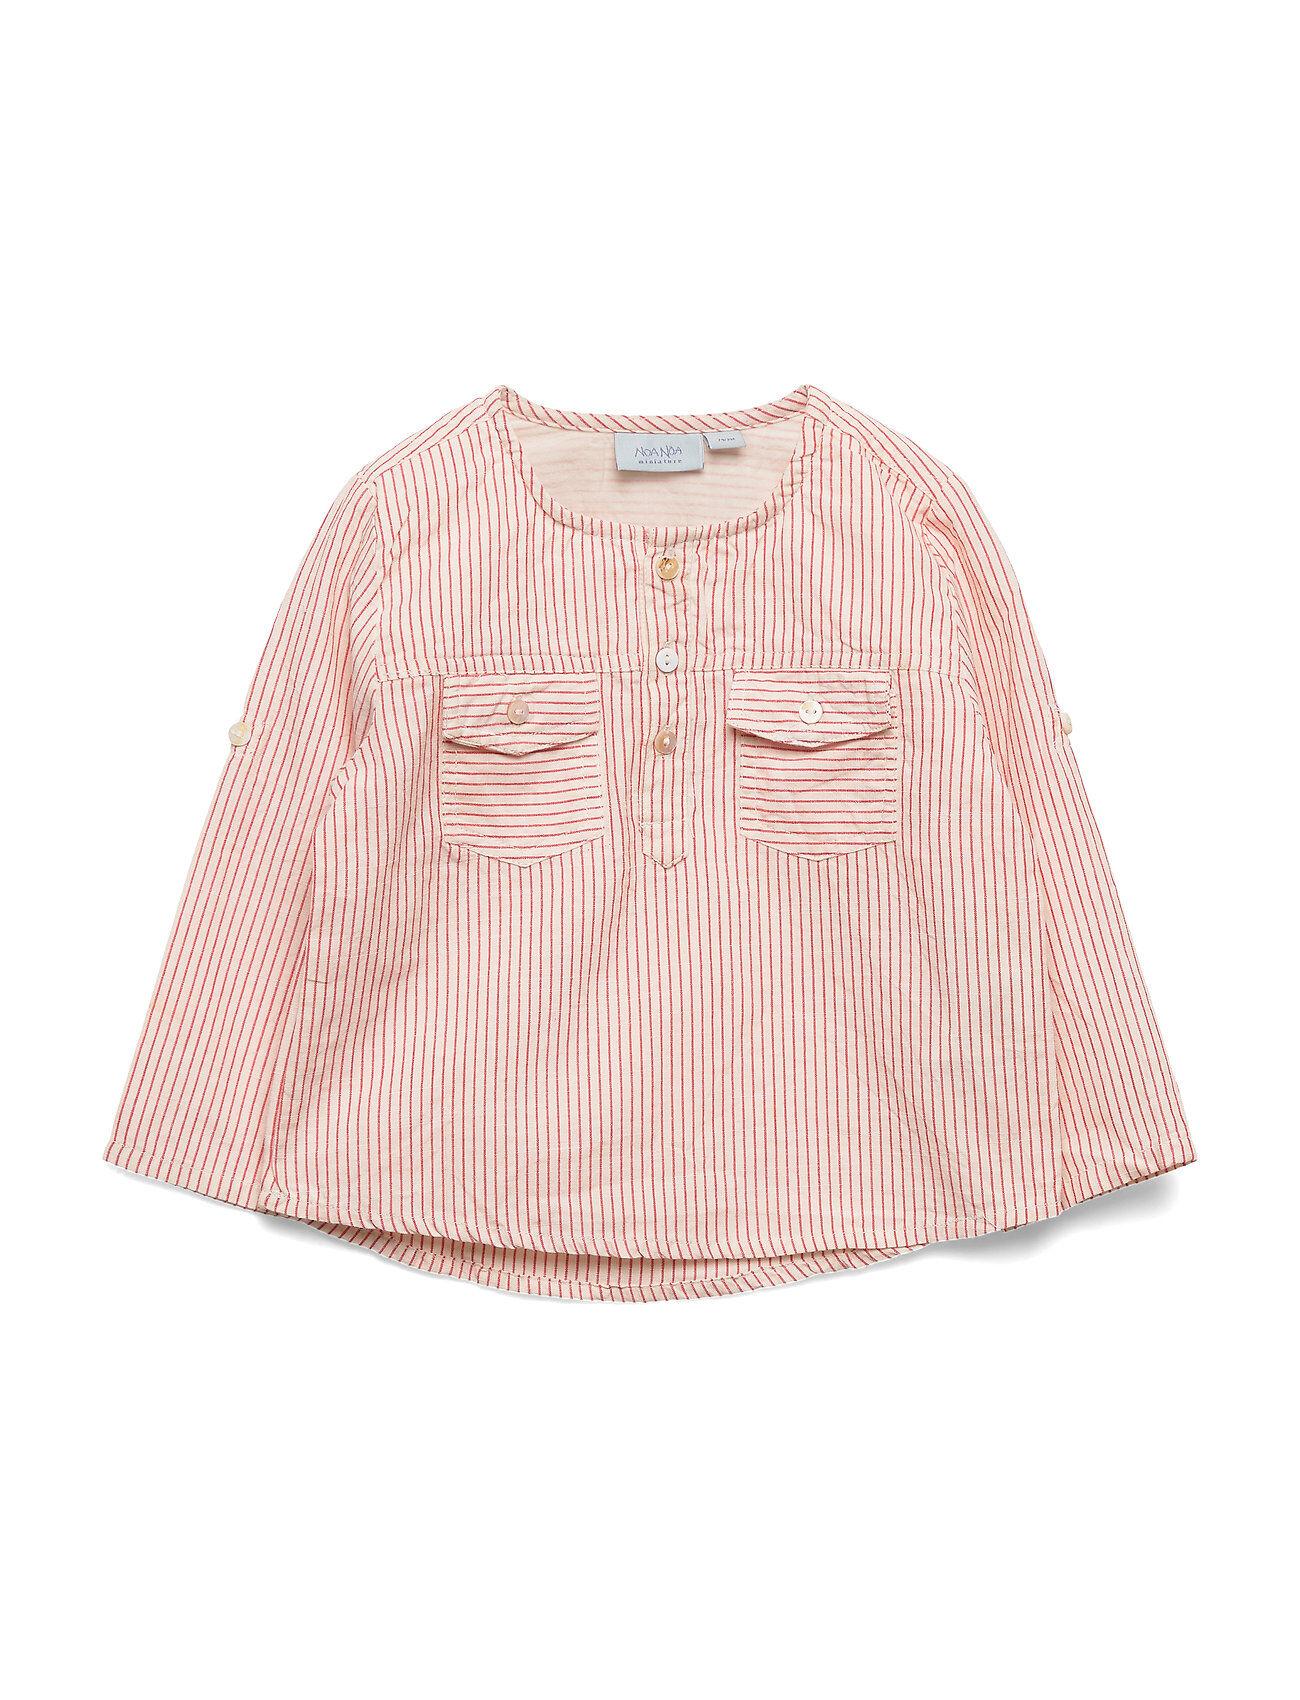 Noa Noa Miniature Shirt T-shirts Long-sleeved T-shirts Vaaleanpunainen Noa Noa Miniature